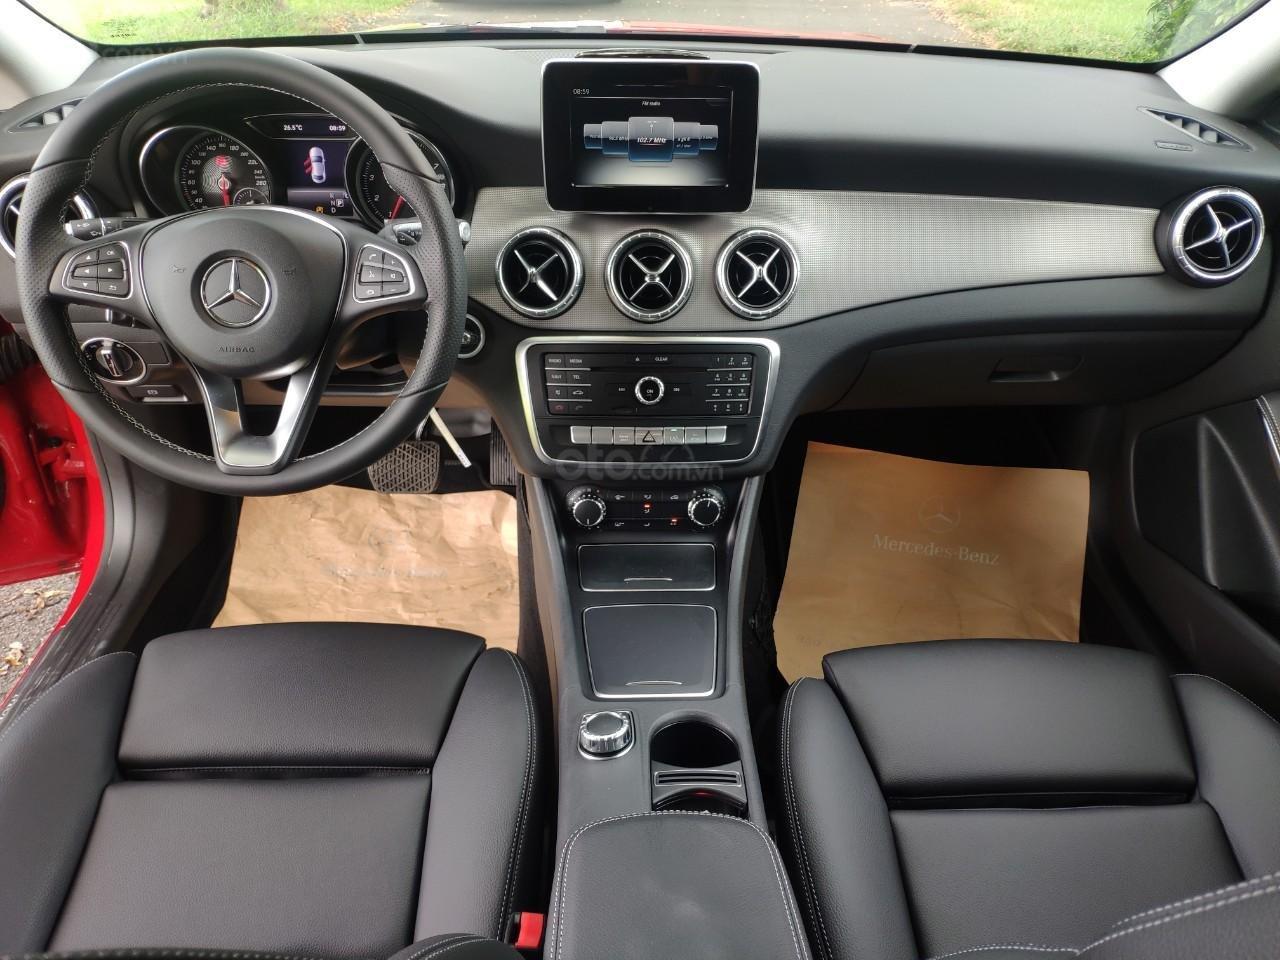 Giá tốt: Mercedes Benz CLA 200 2019 màu đỏ, đi 68km (13)